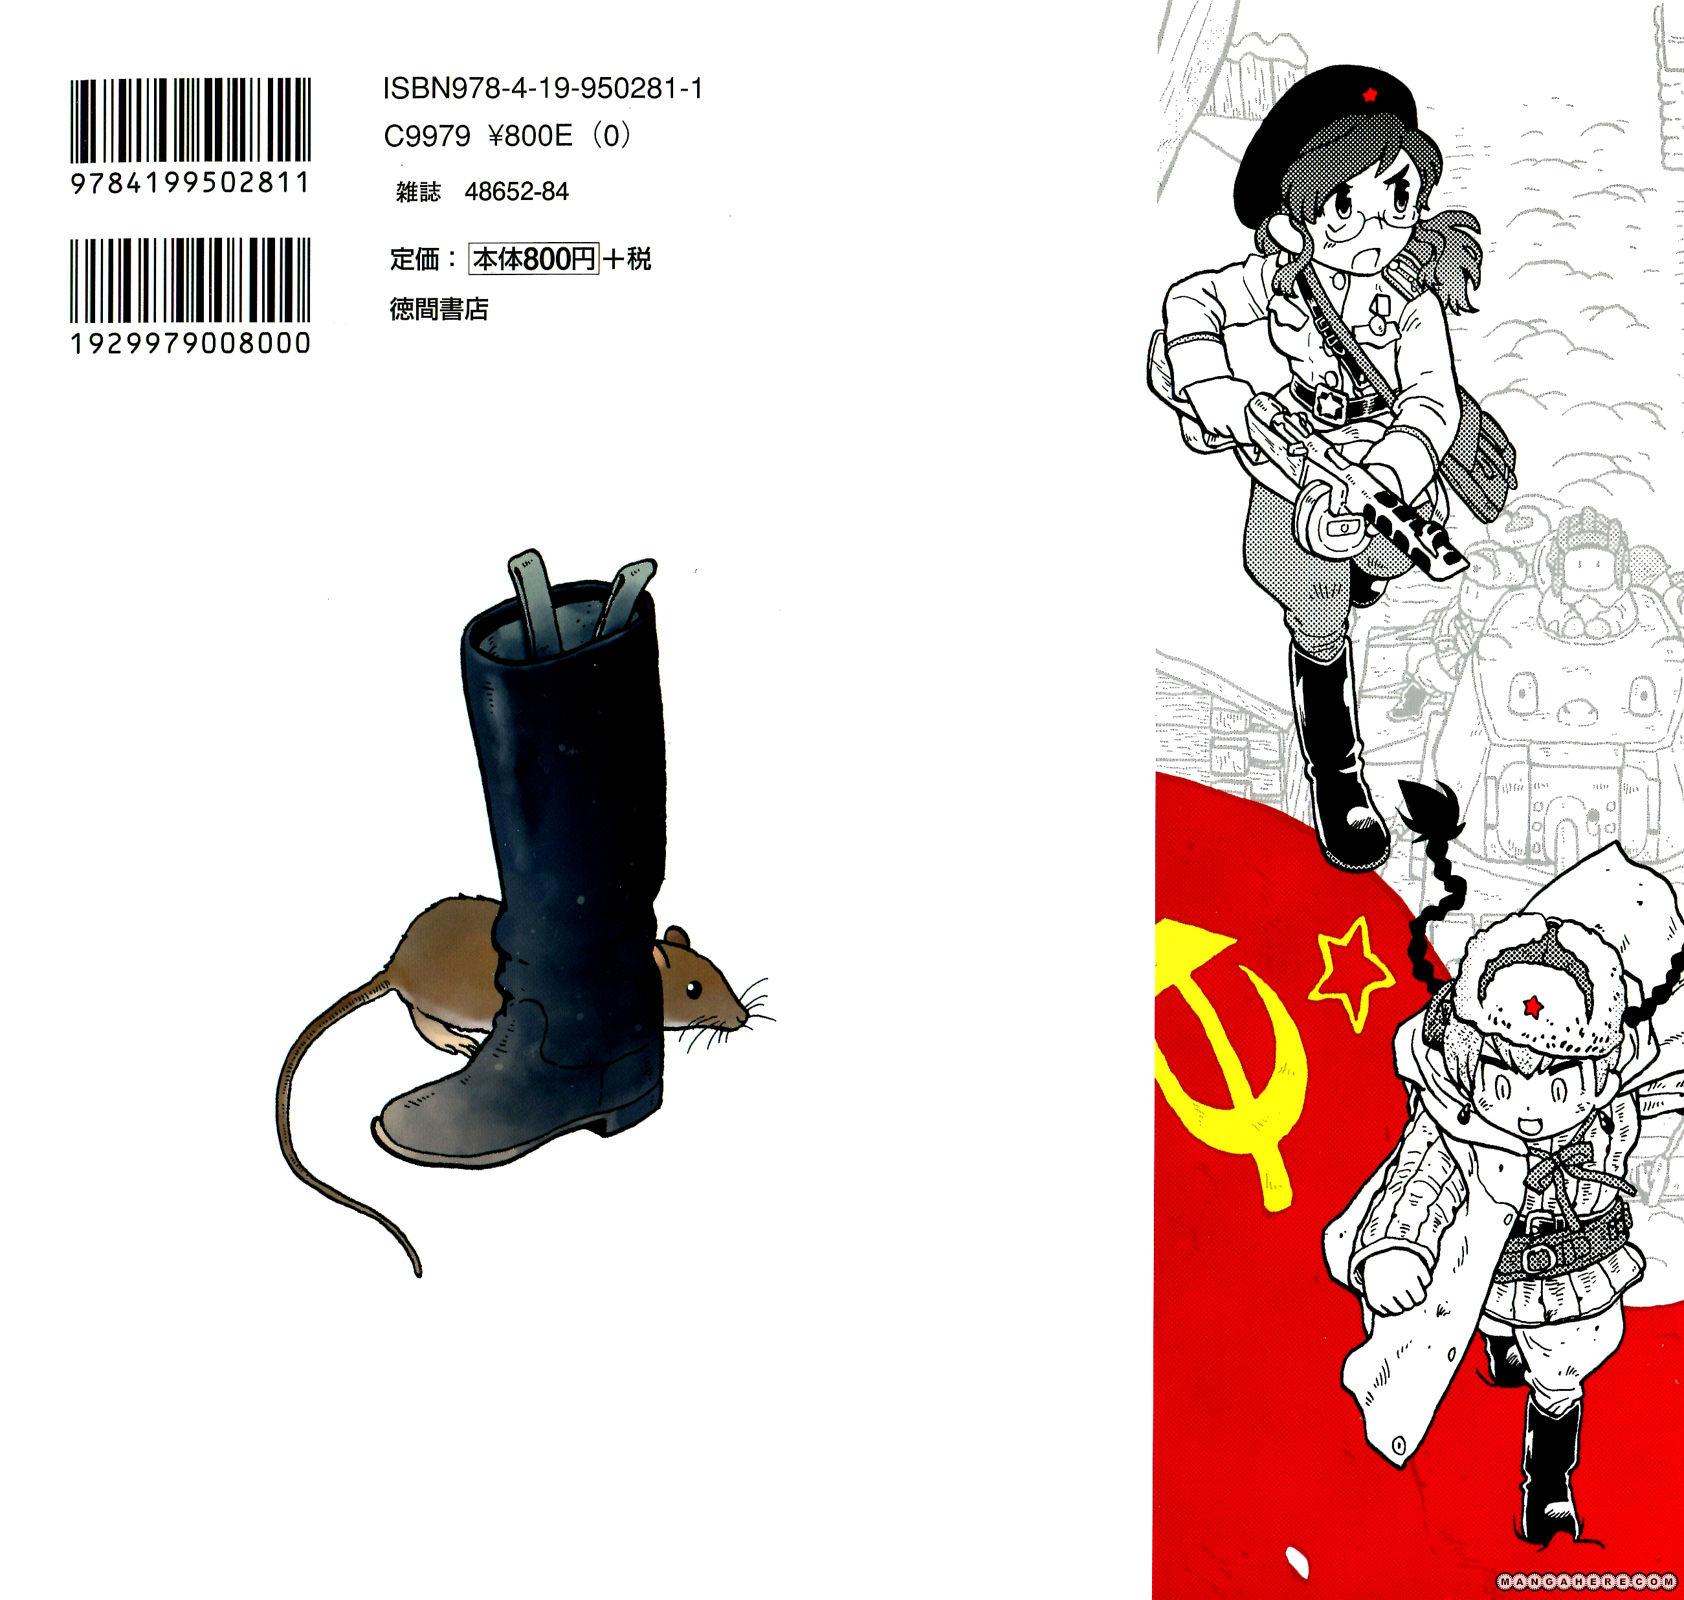 Kutsuzure Sensen - Witch Vasenka's War 0 Page 2